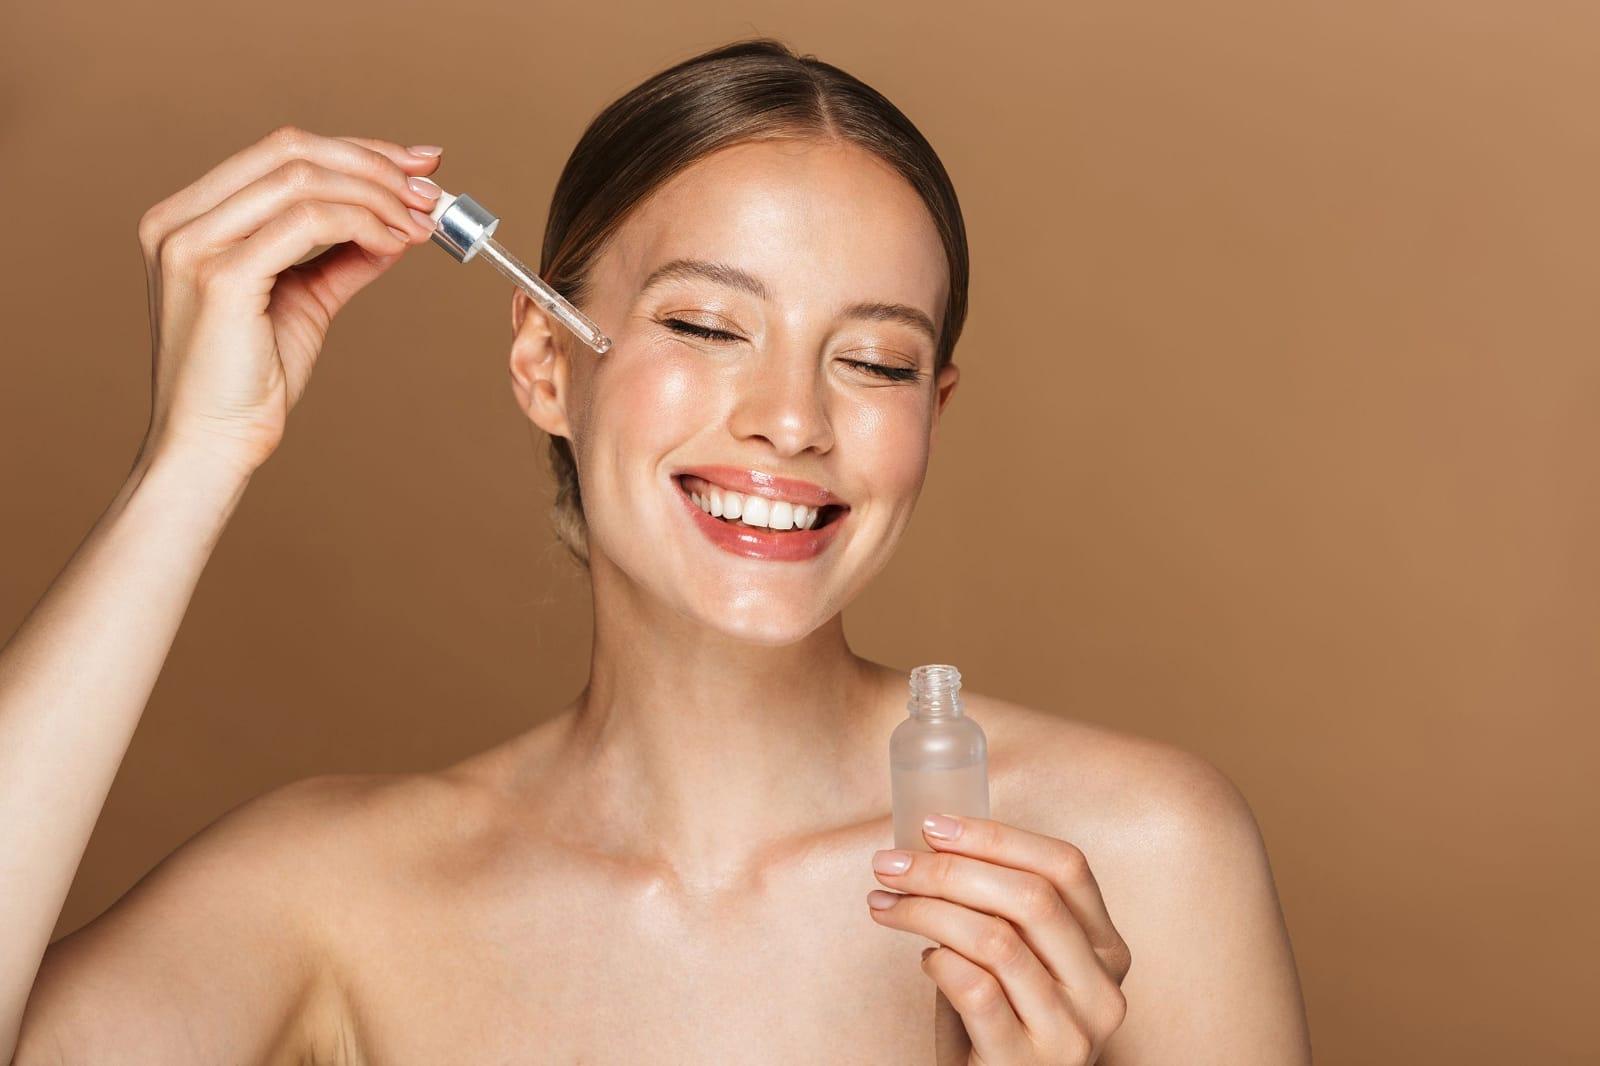 El aceite de uva es uno de los productos que se pueden aplicar en la piel.